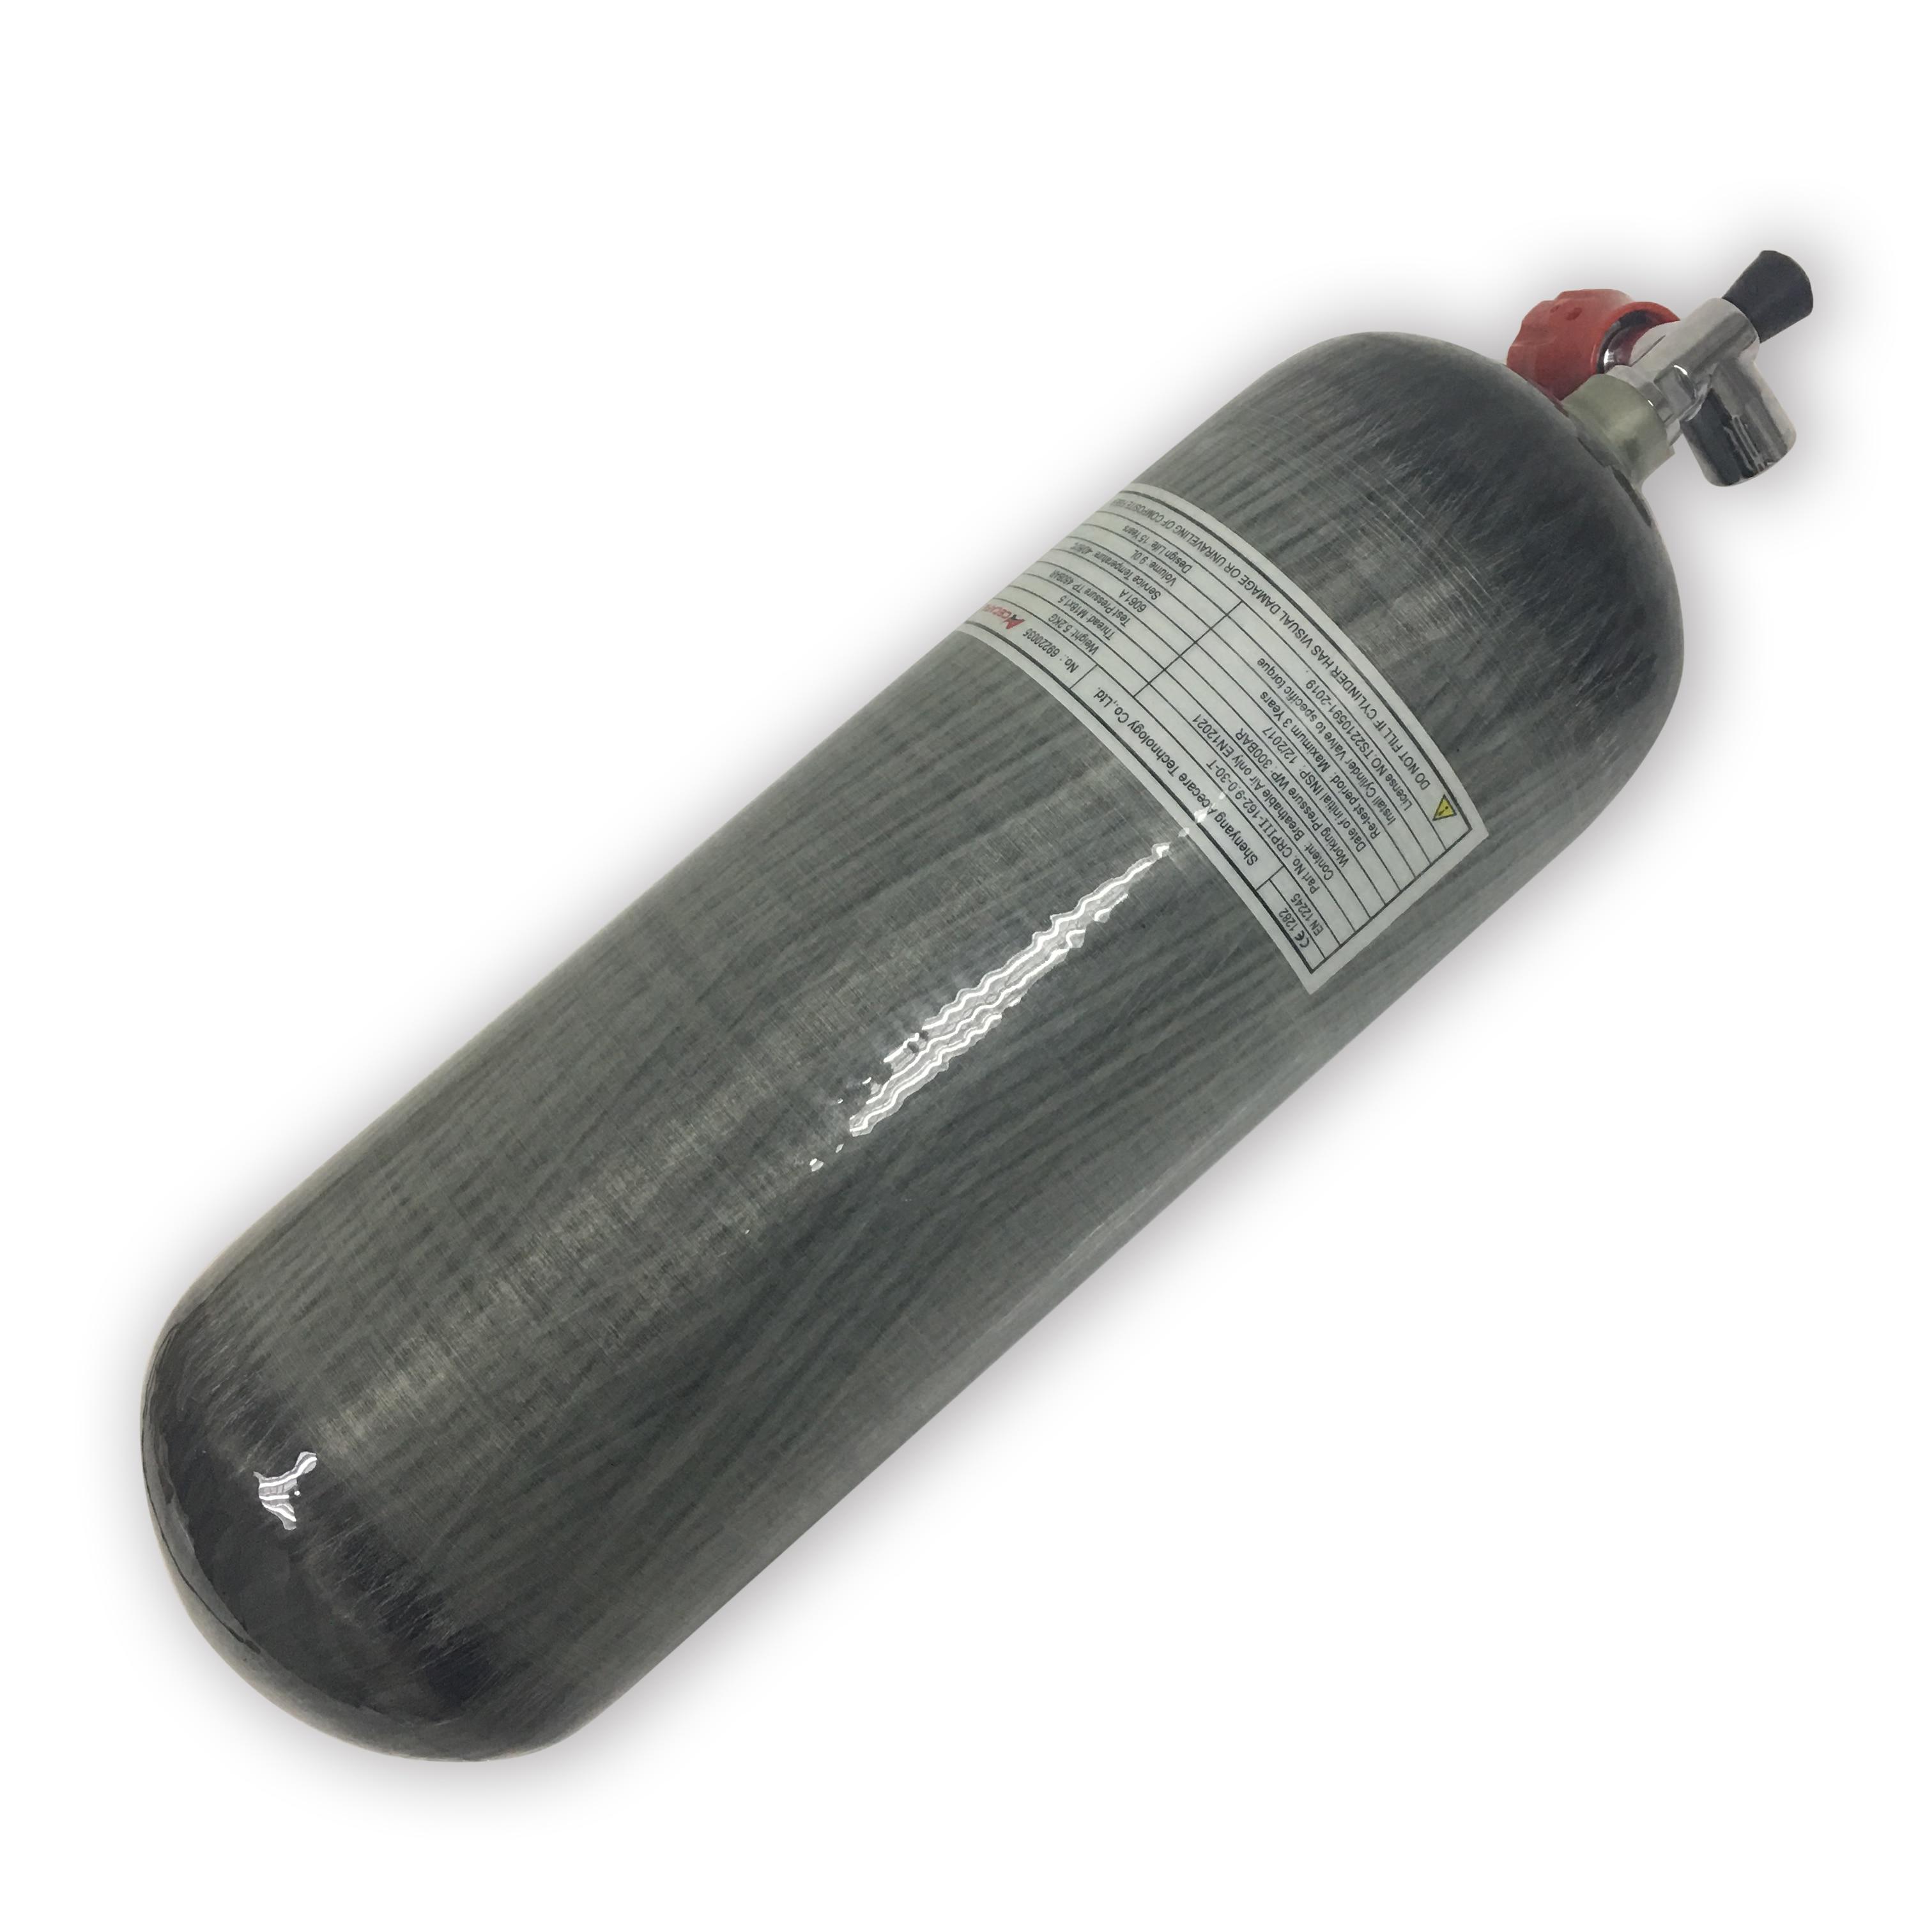 AC10911 armes de chasse sous-marine 9L co2 paintballing cylindre d'oxygène force aérienne condor carbone 4500psi arme à feu softgun